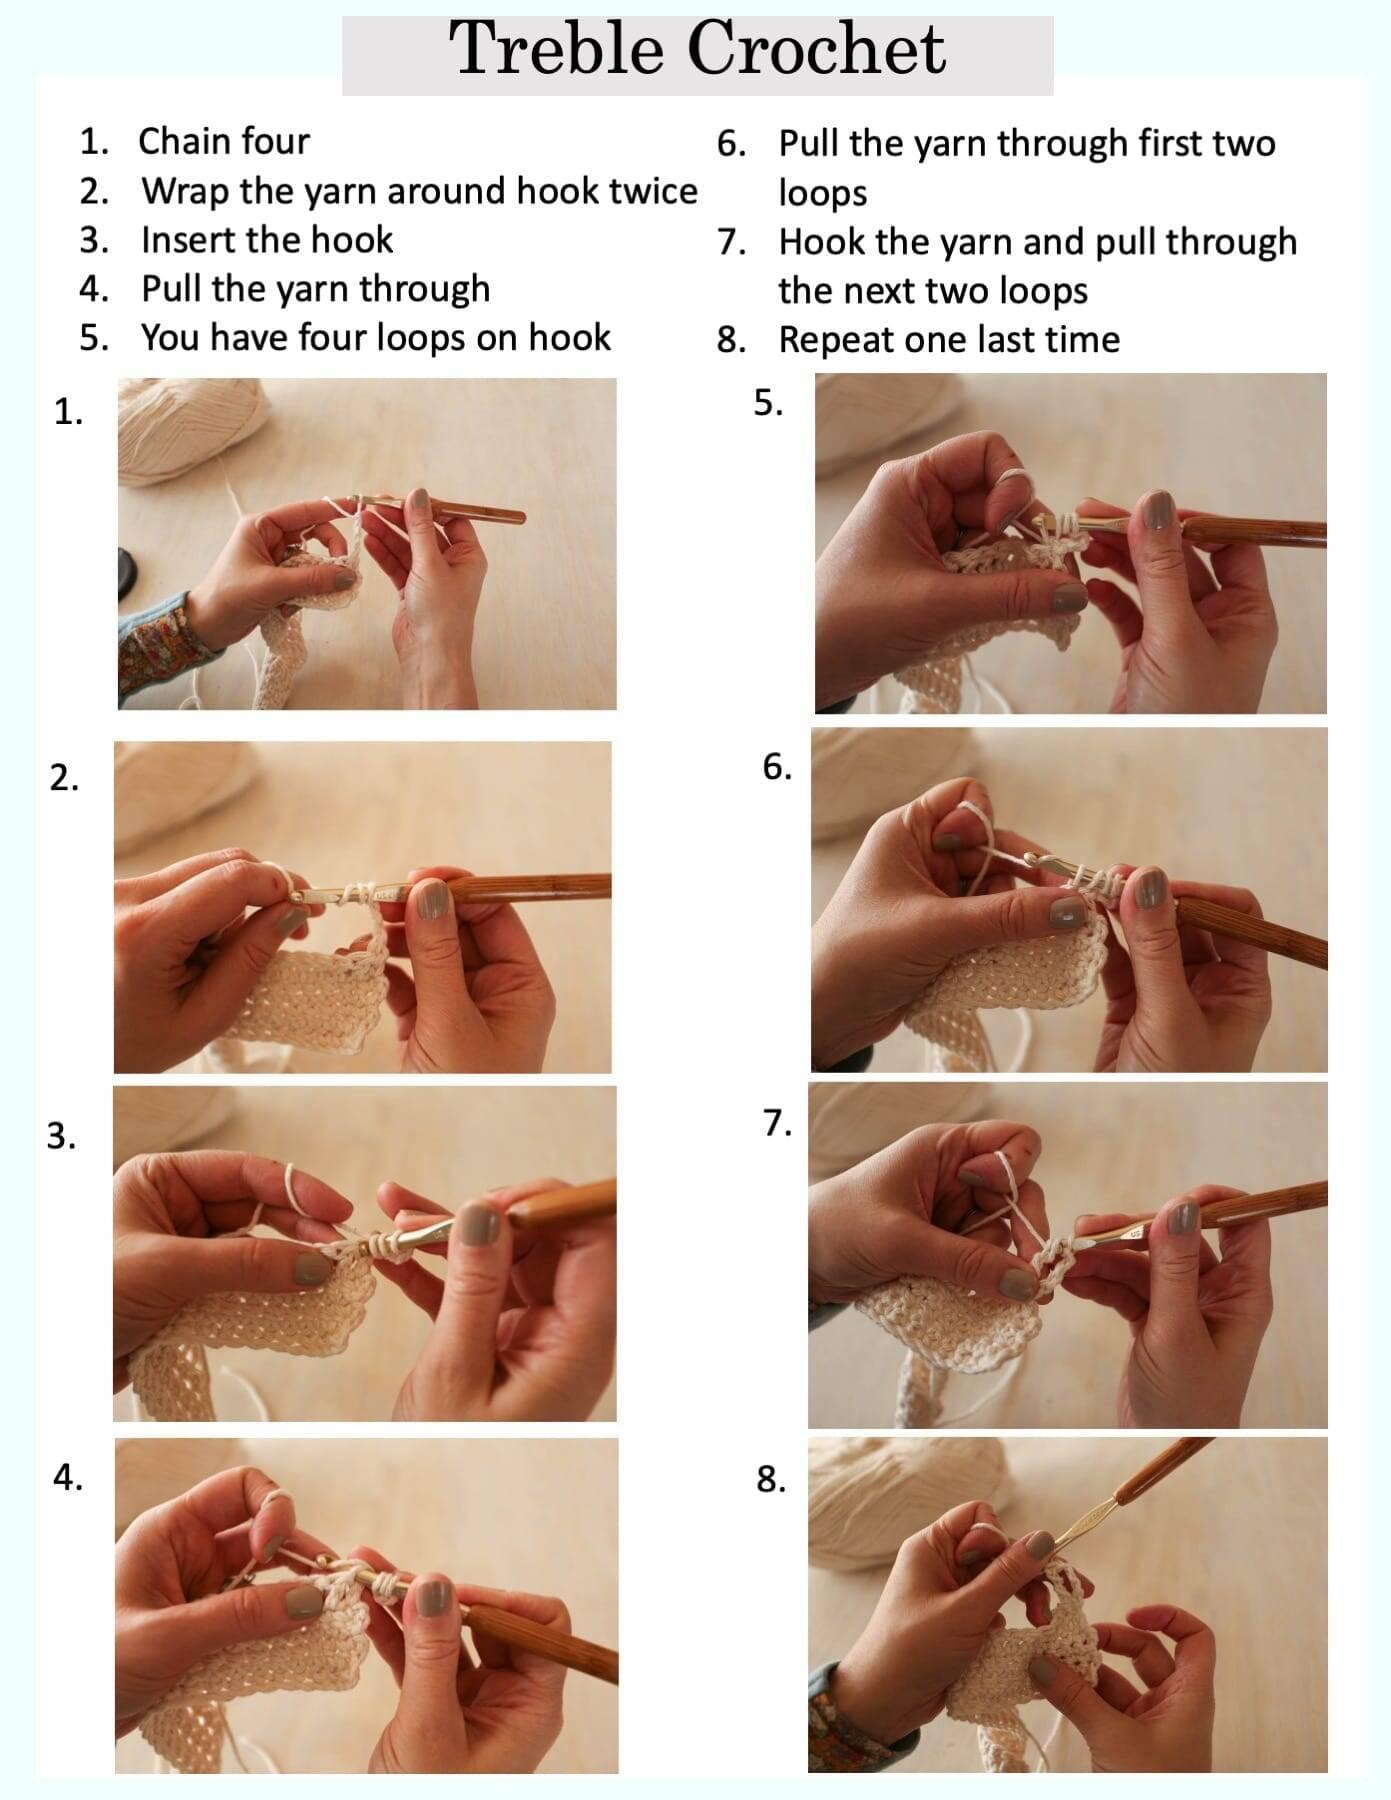 treble crochet infographic